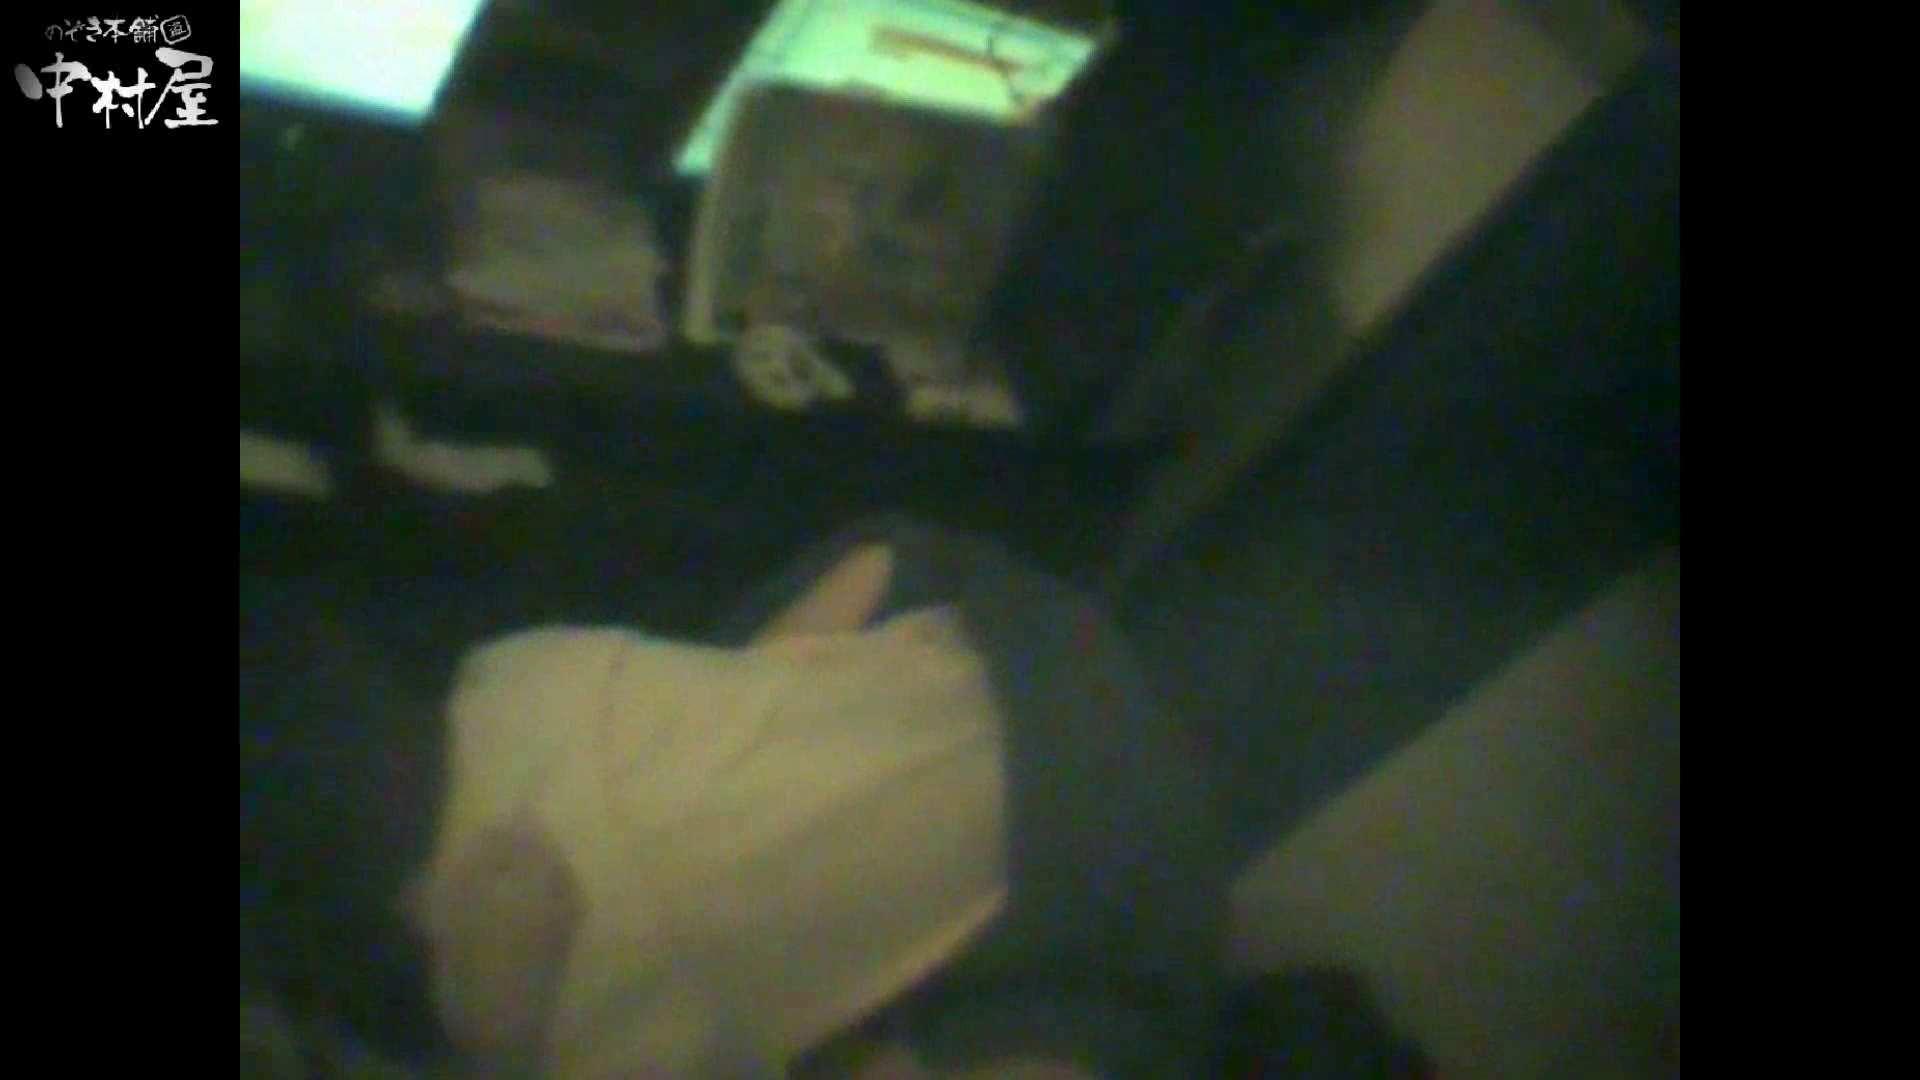 インターネットカフェの中で起こっている出来事 vol.016 卑猥すぎ | カップル映像 のぞき 89PIX 25